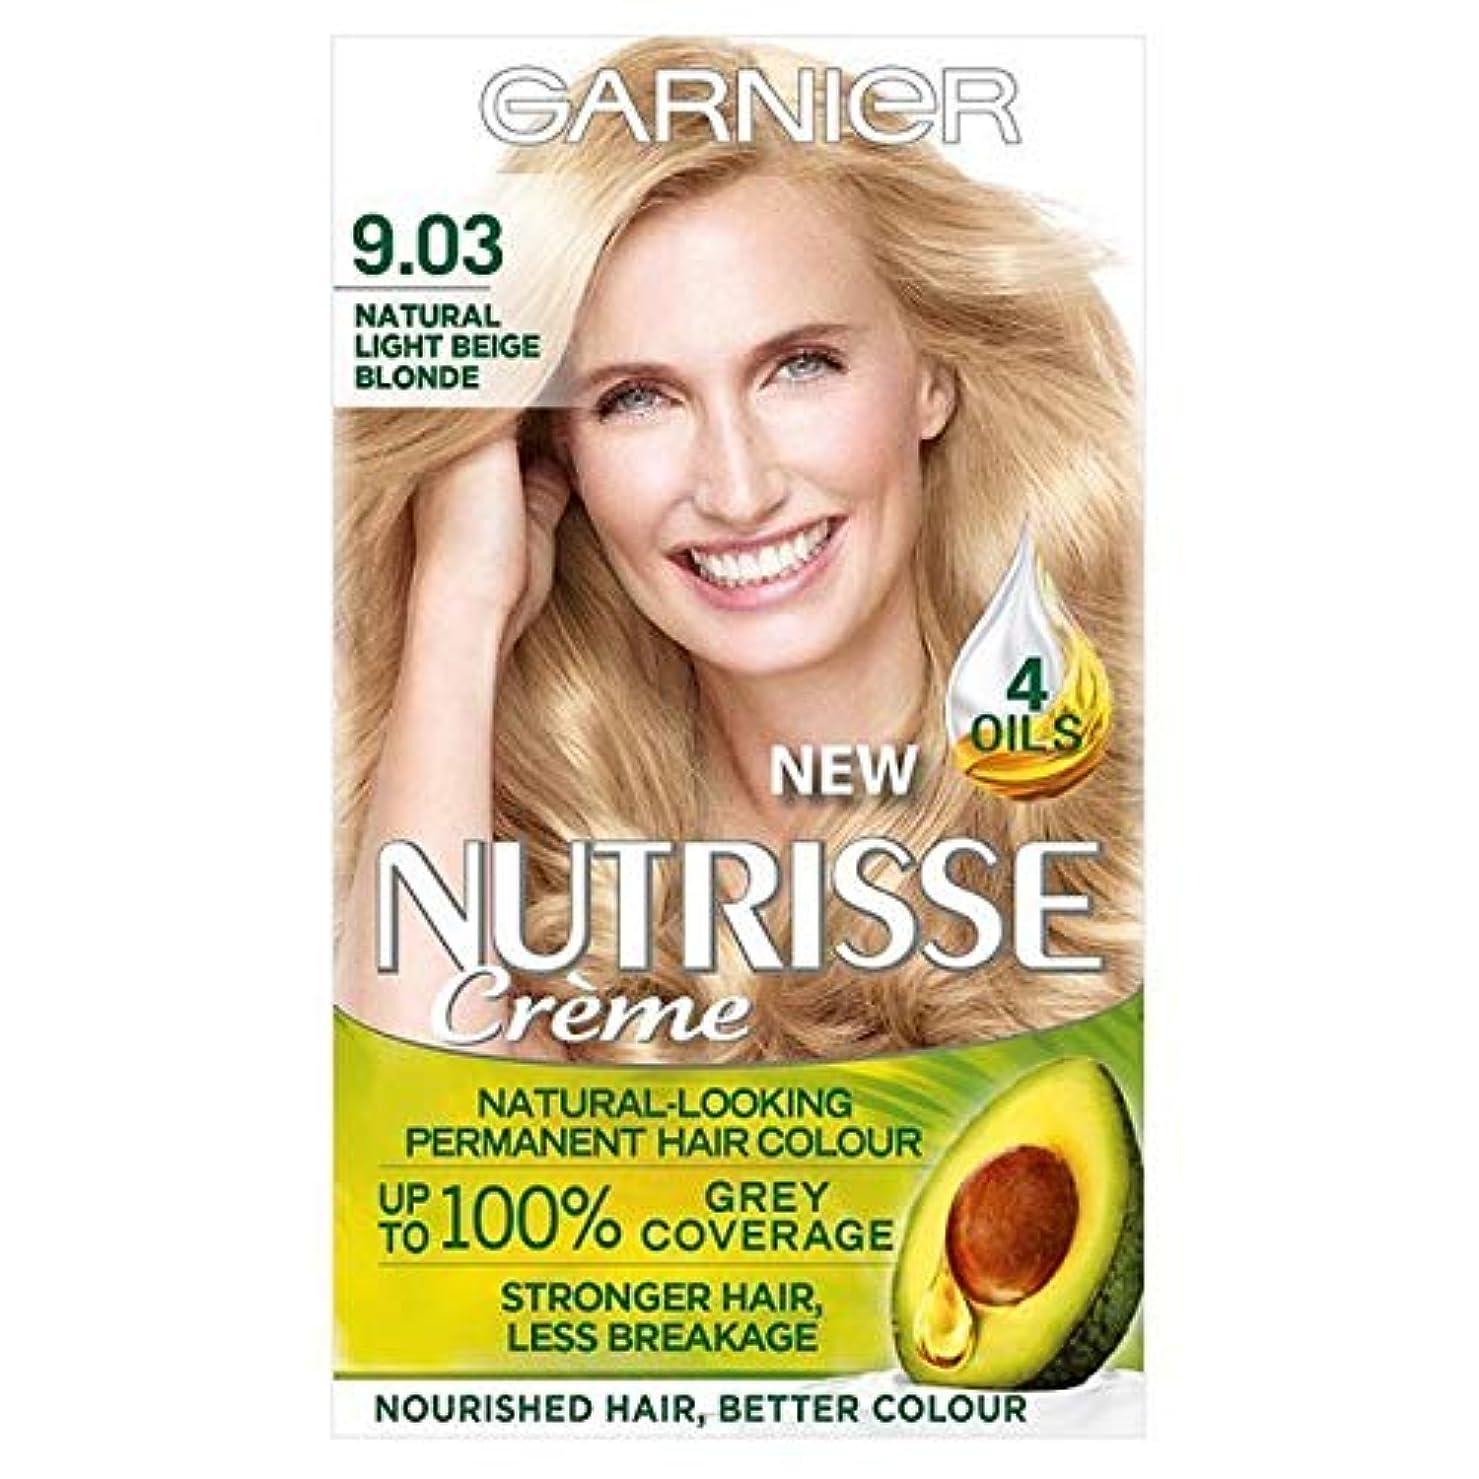 アラブサラボテレマコス引く[Garnier ] 9.03ガルニエNutrisse永久的な毛髪染料ライトベージュブロンド - Garnier Nutrisse Permanent Hair Dye Light Beige Blonde 9.03 [...